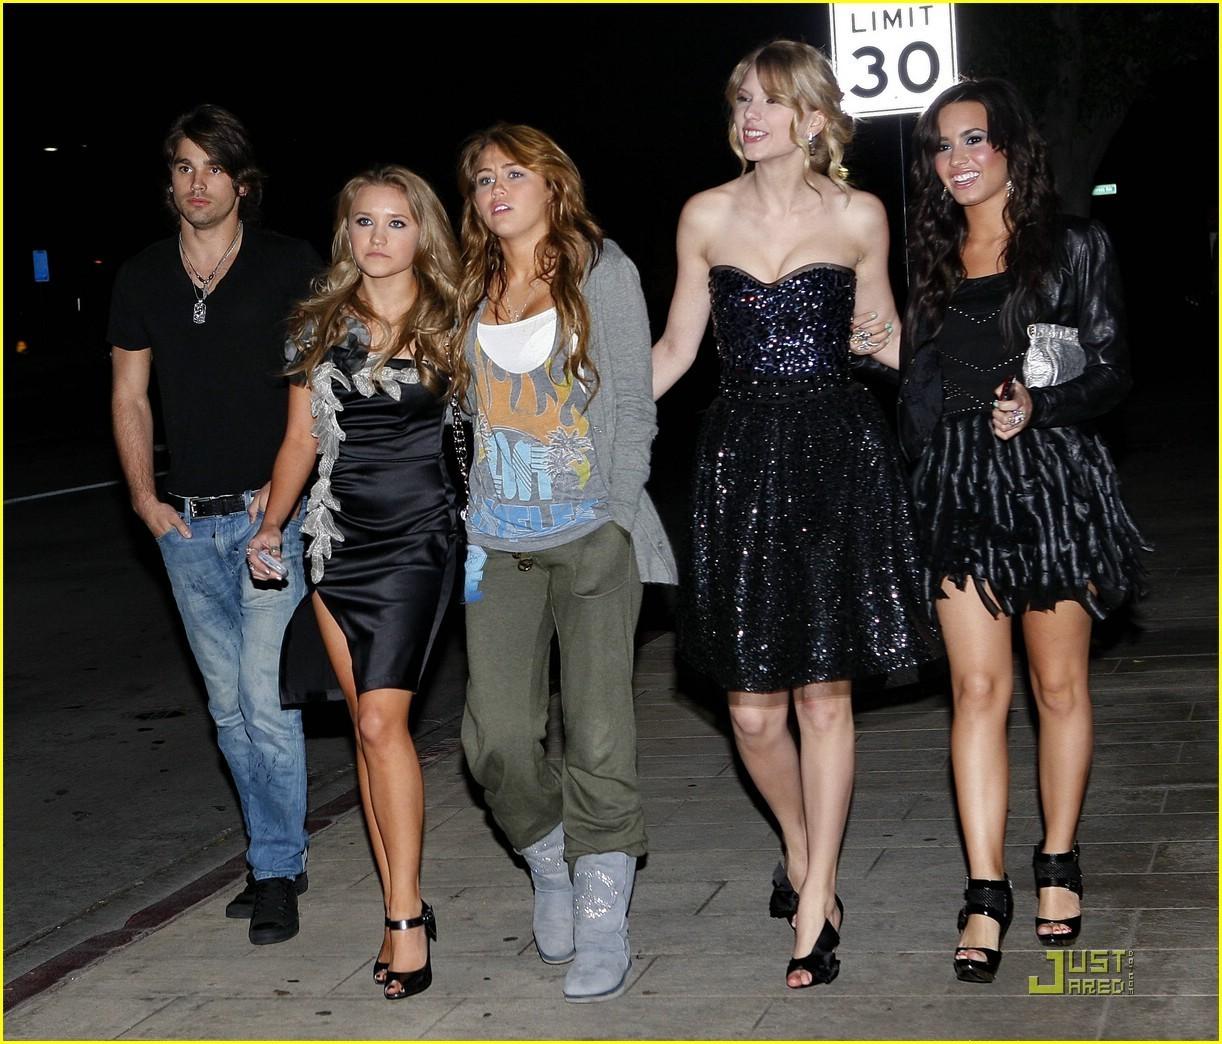 http://4.bp.blogspot.com/-uED-L9Kqkw4/TaTKT5KcPMI/AAAAAAAAADo/yK5f6G4VQZQ/s1600/Demi-Miley-Taylor-Emily-Justin-demi-lovato-and-miley-cyrus-5358163-1222-1044.jpg